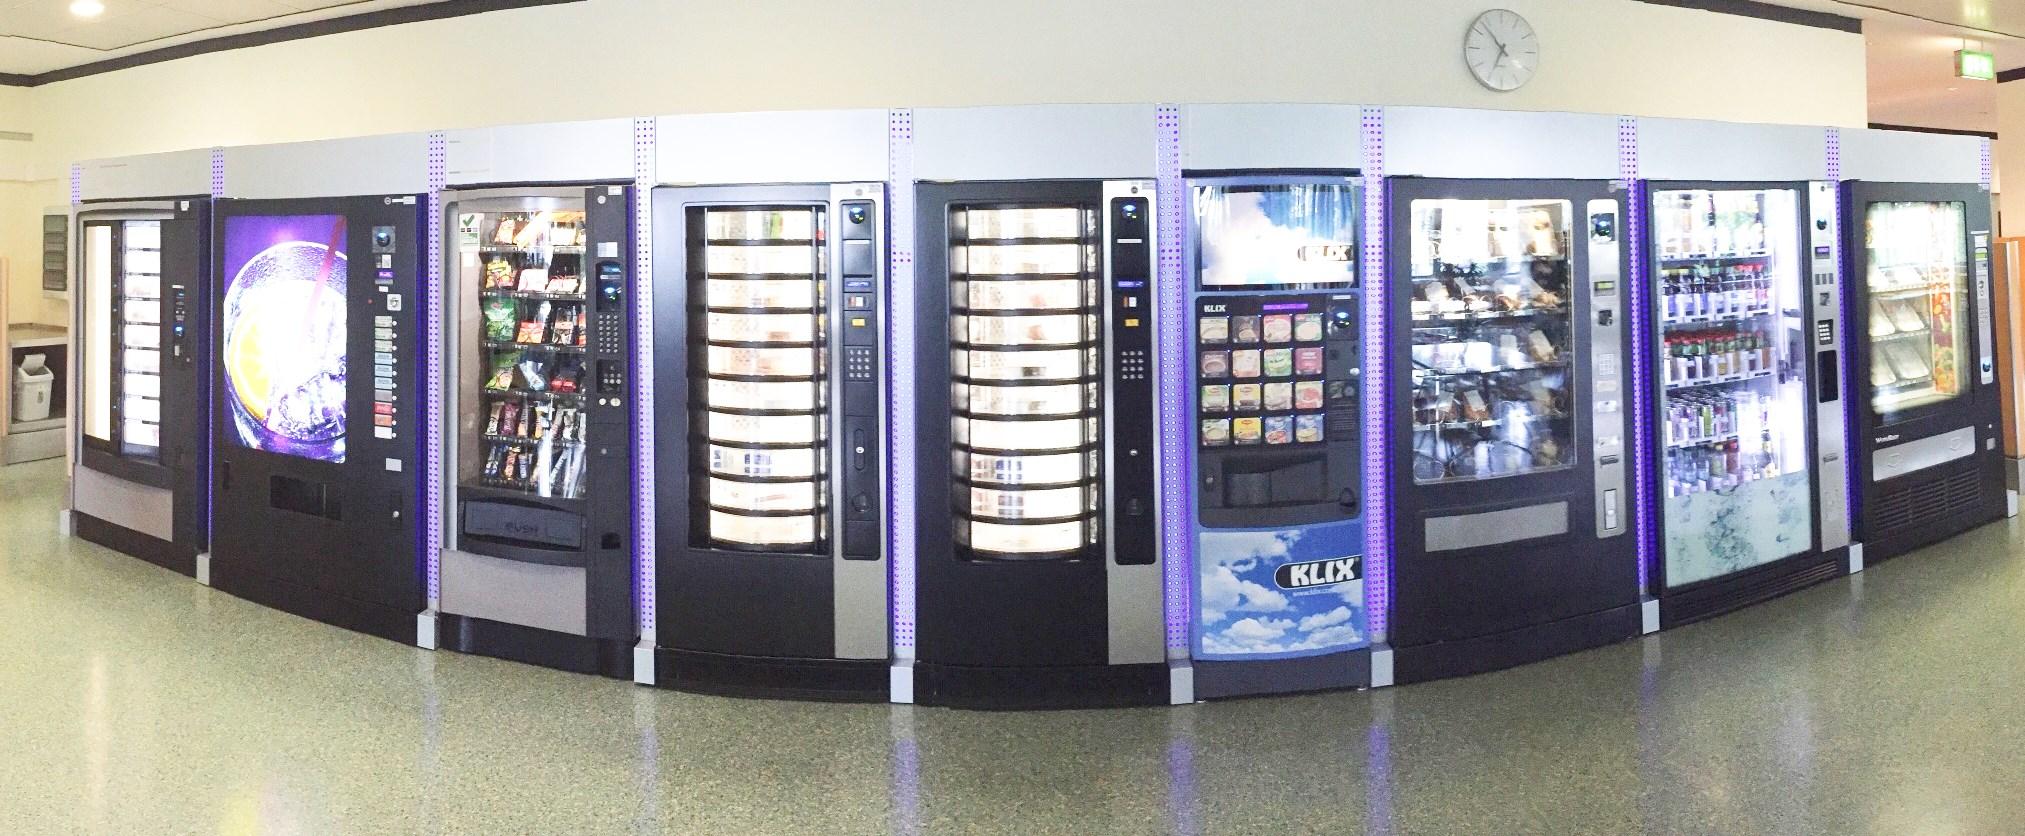 Betriebsverpflegung über Automaten im Vollservice-System